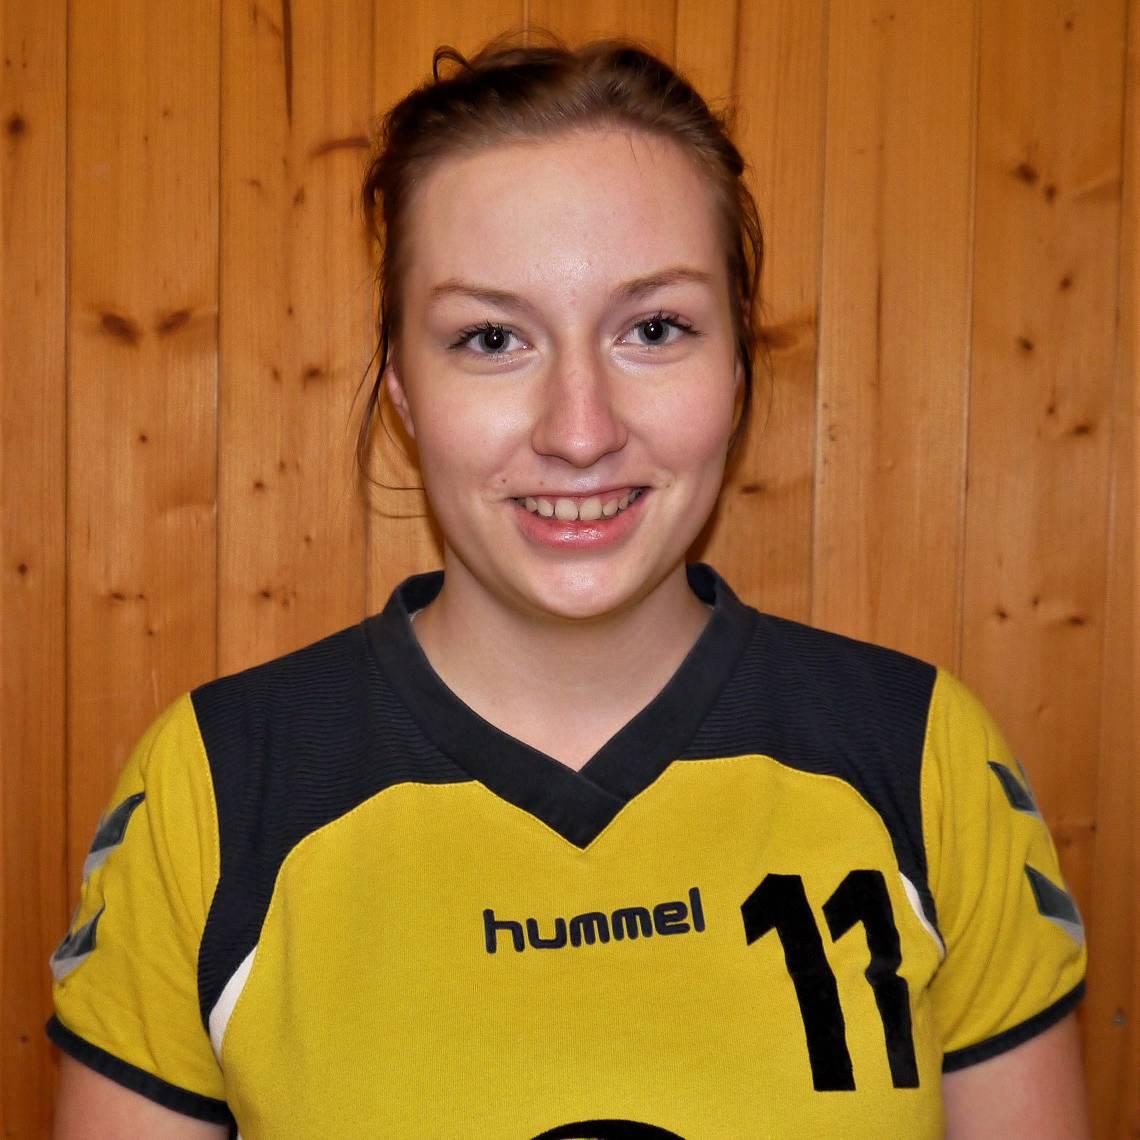 Charlotte Warncke - Damenmannschaft HF Scheyern